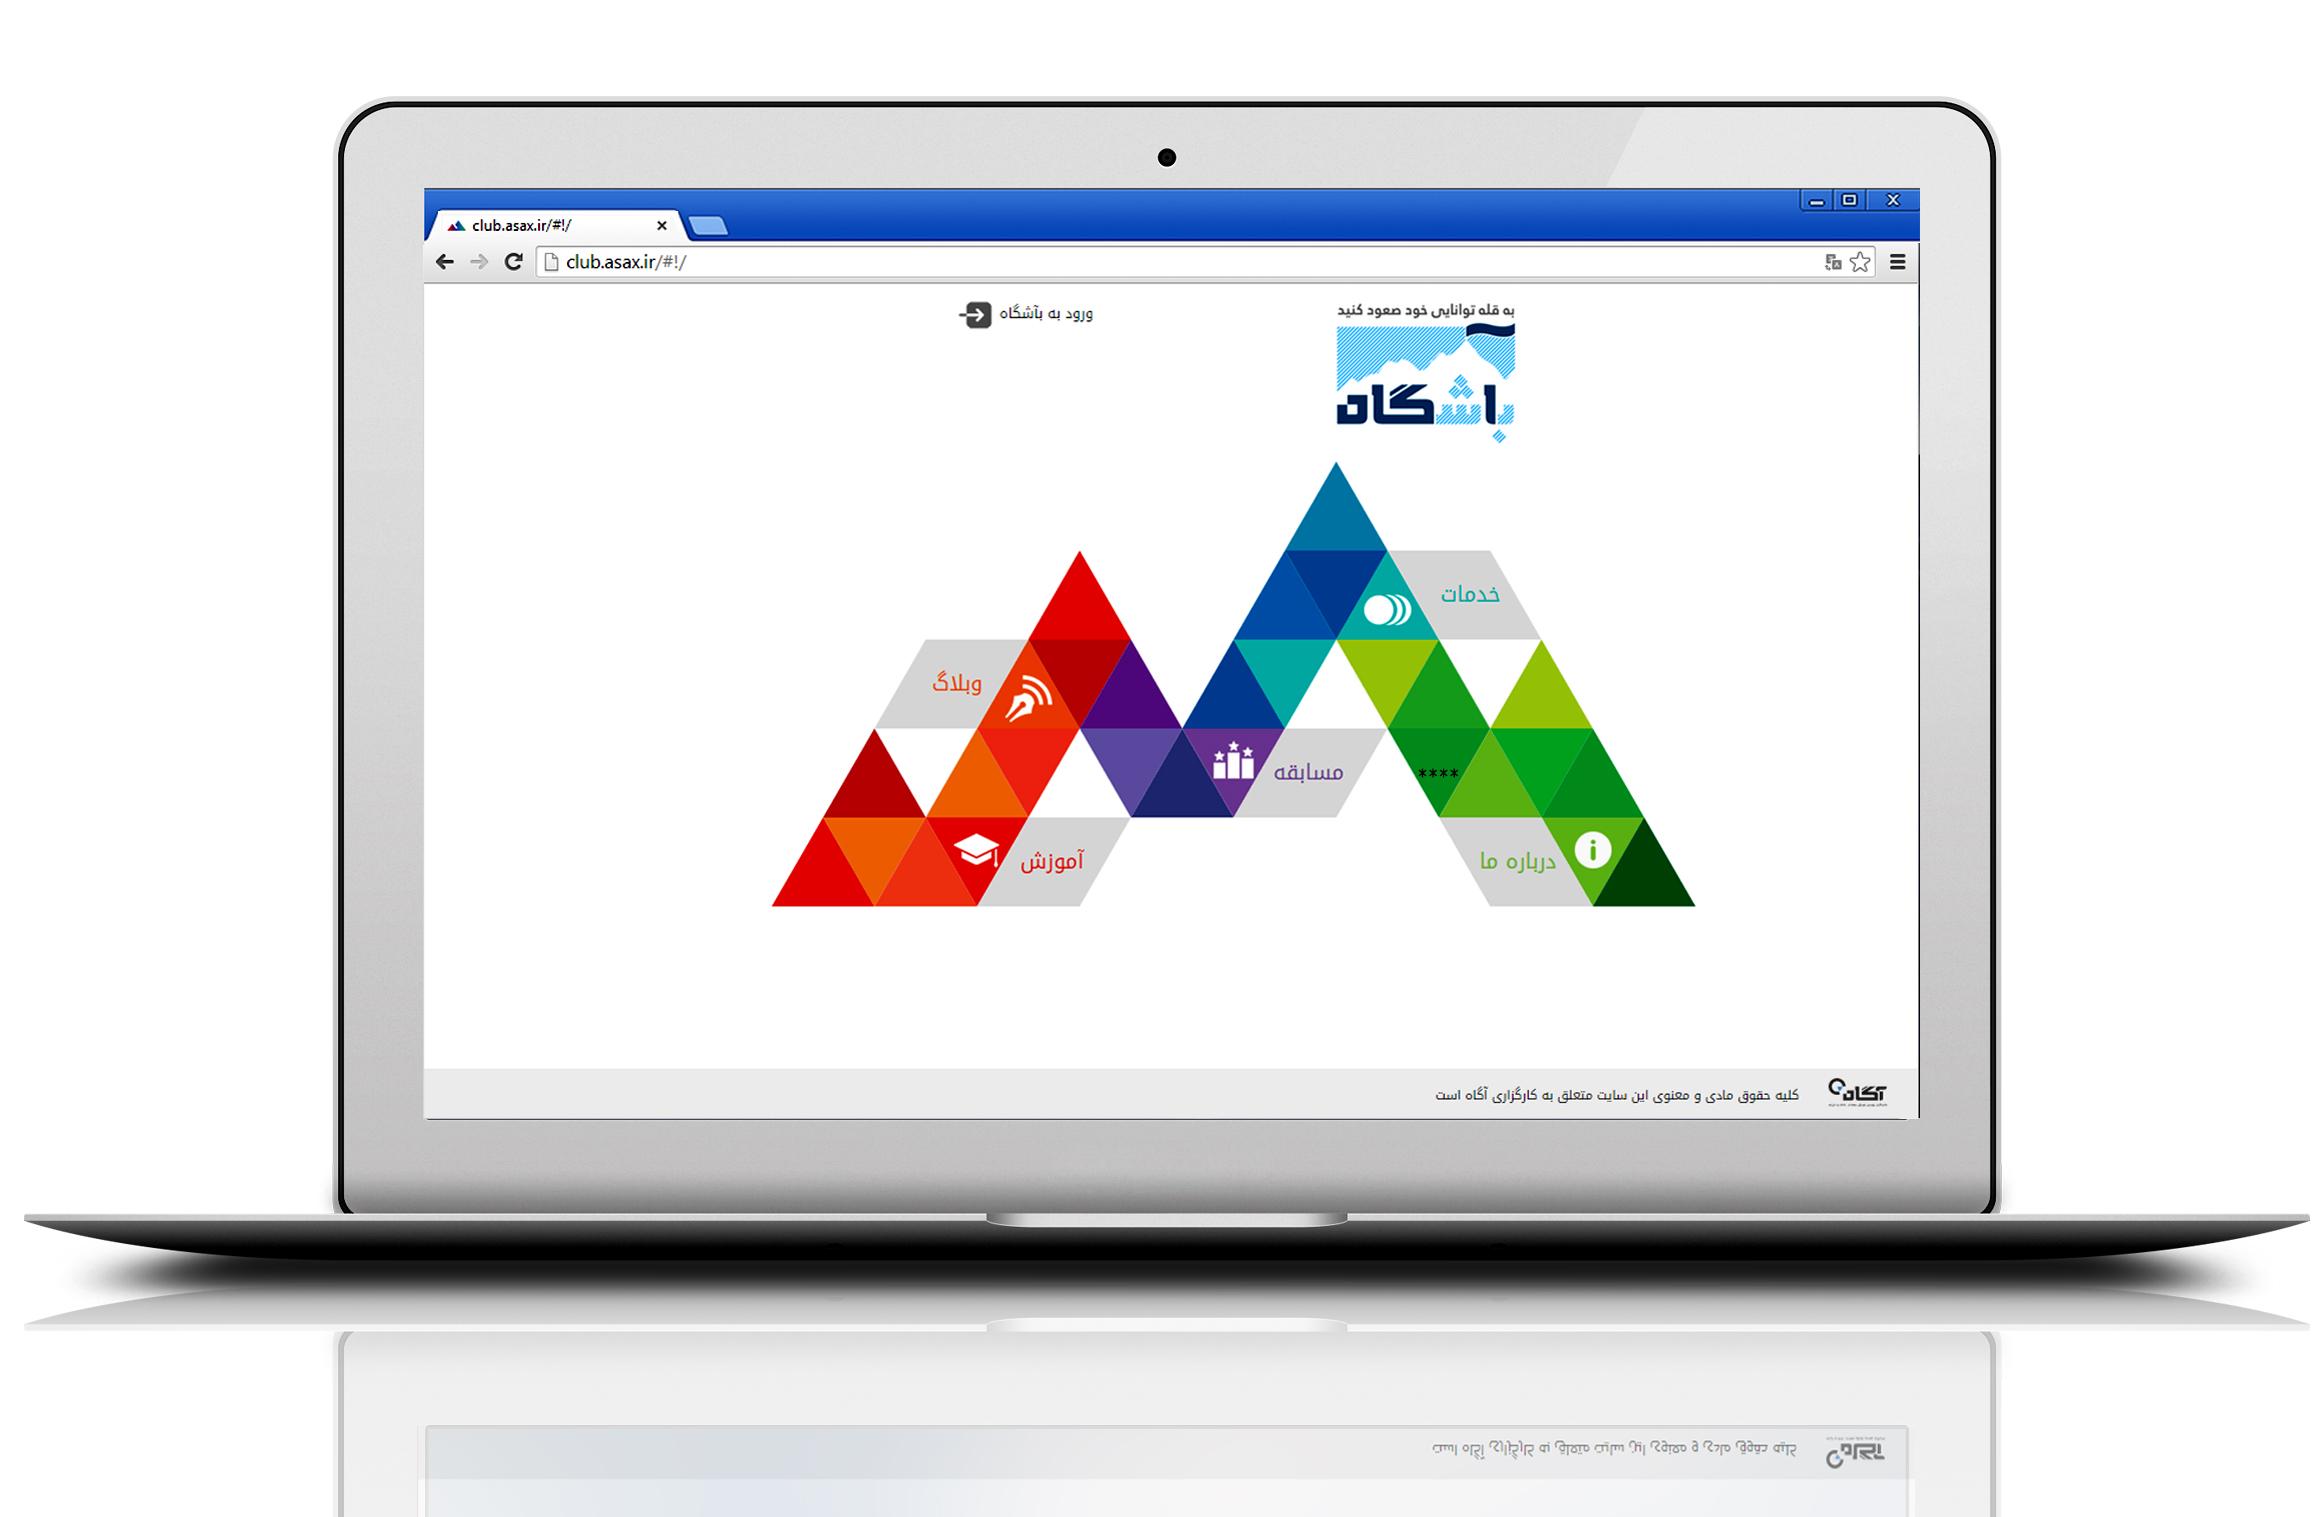 راهنمای بآشگاه مشتریان آگاه، کارگزاری آگاه، ورود به بآشگاه، نحوه ثبت نام در بآشگاه مشتریان، عضویت در بآشگاه، تغییر عکس پروفایل، منوی کاربری بآشگاه، نوار ابزار بآشگاه، محاسبه ريال و امتیاز بآشگاه